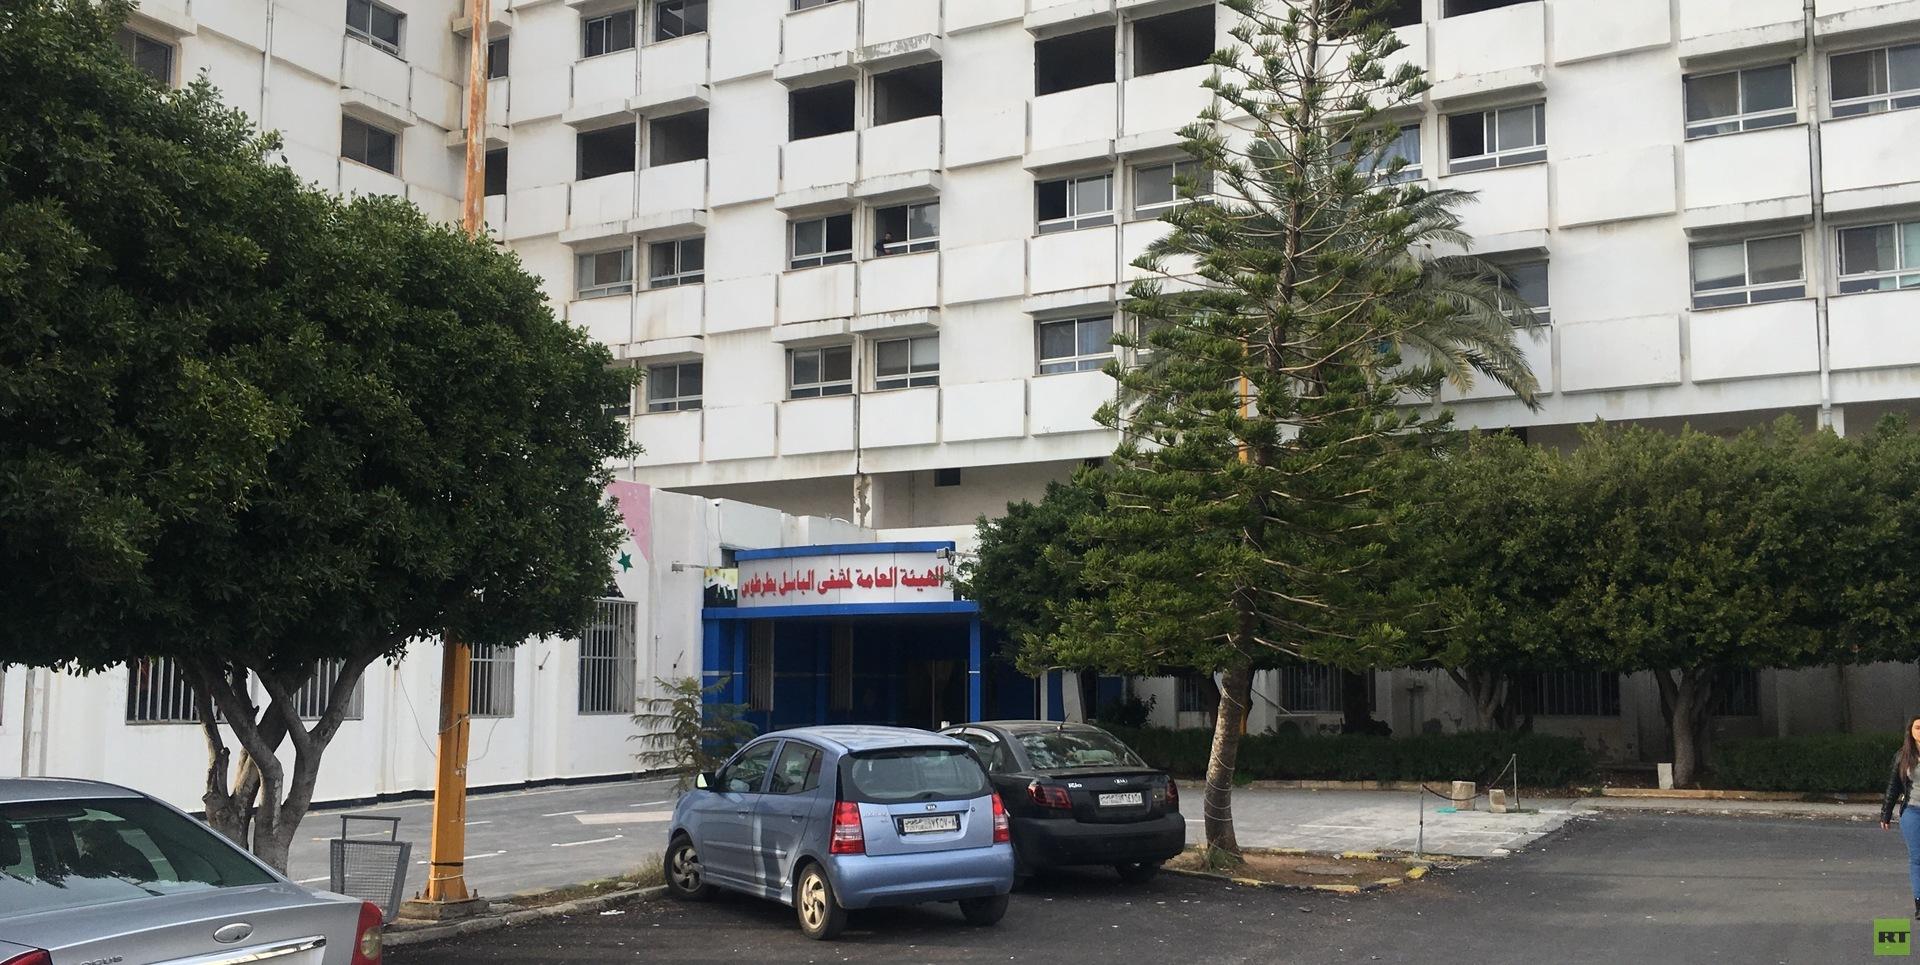 بعد دمشق.. الصحة السورية تتخذ إجراءات طارئة في مشافي طرطوس